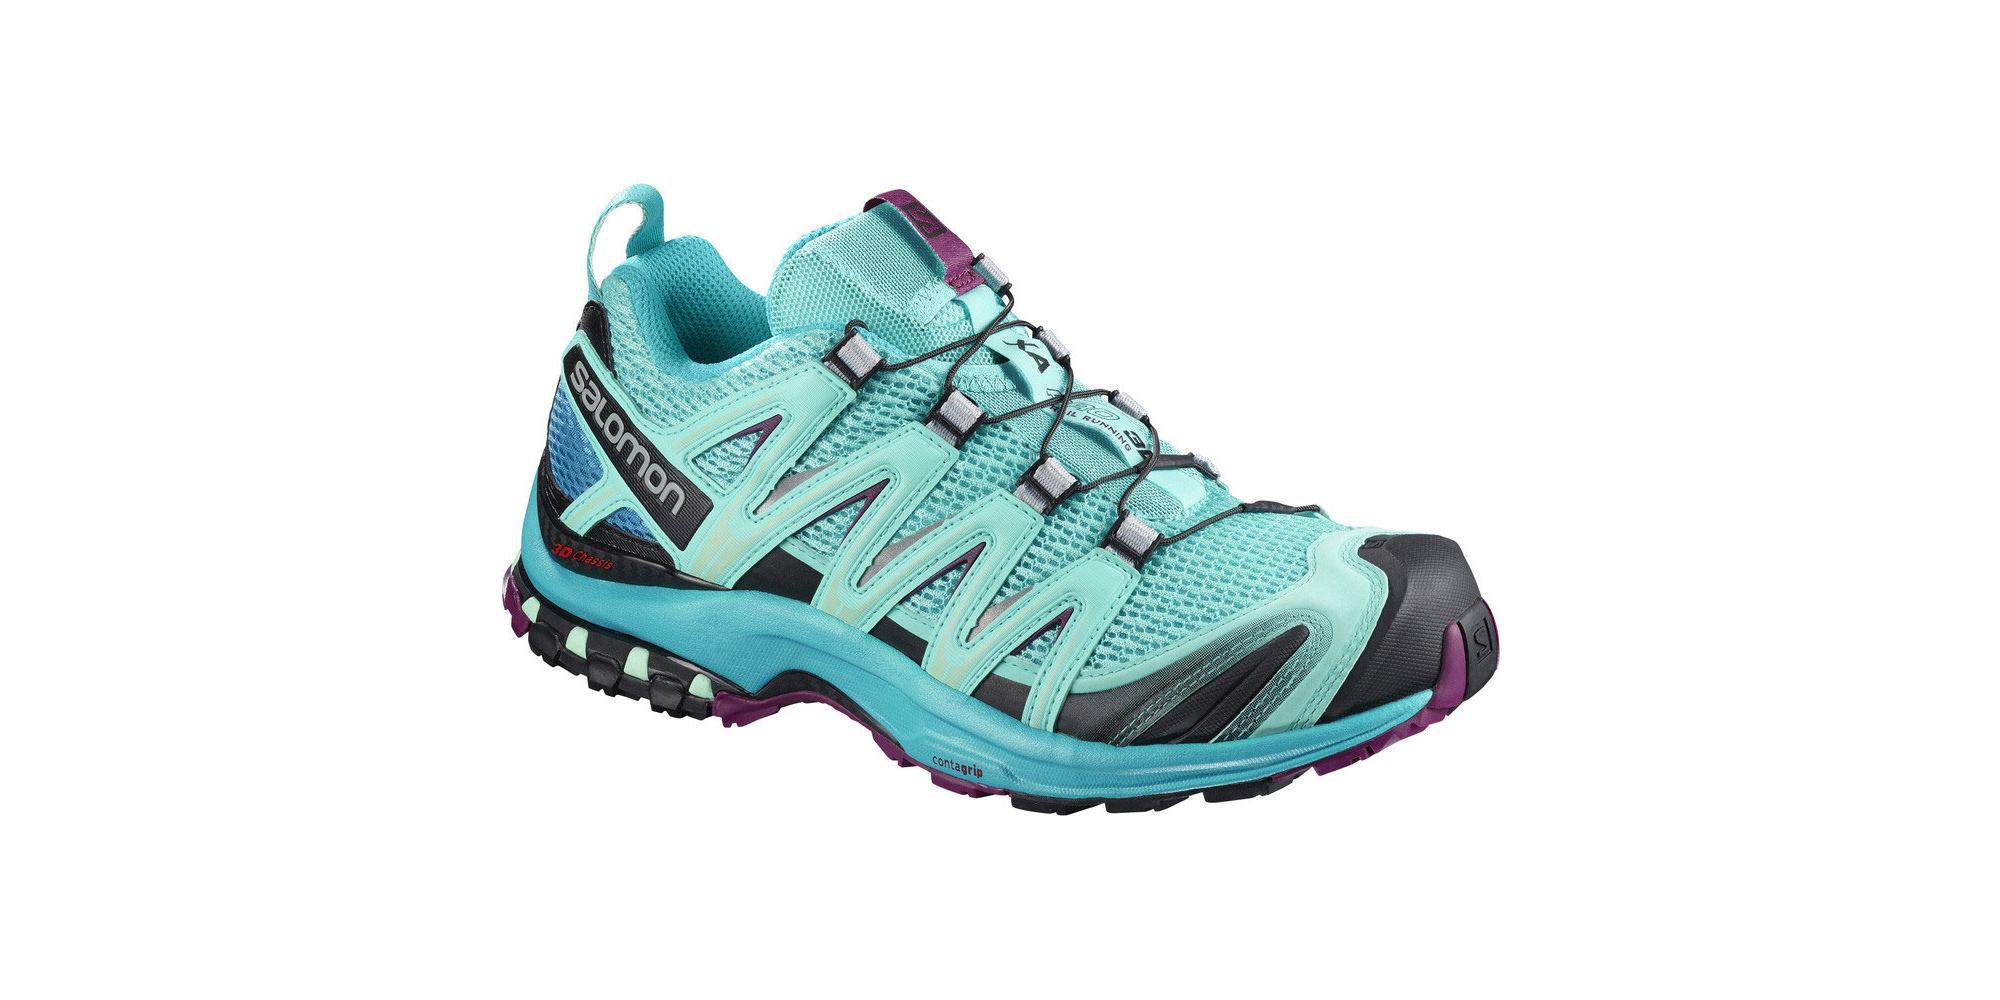 Dámské trailové boty Salomon Xa Pro 3D Gtx® W